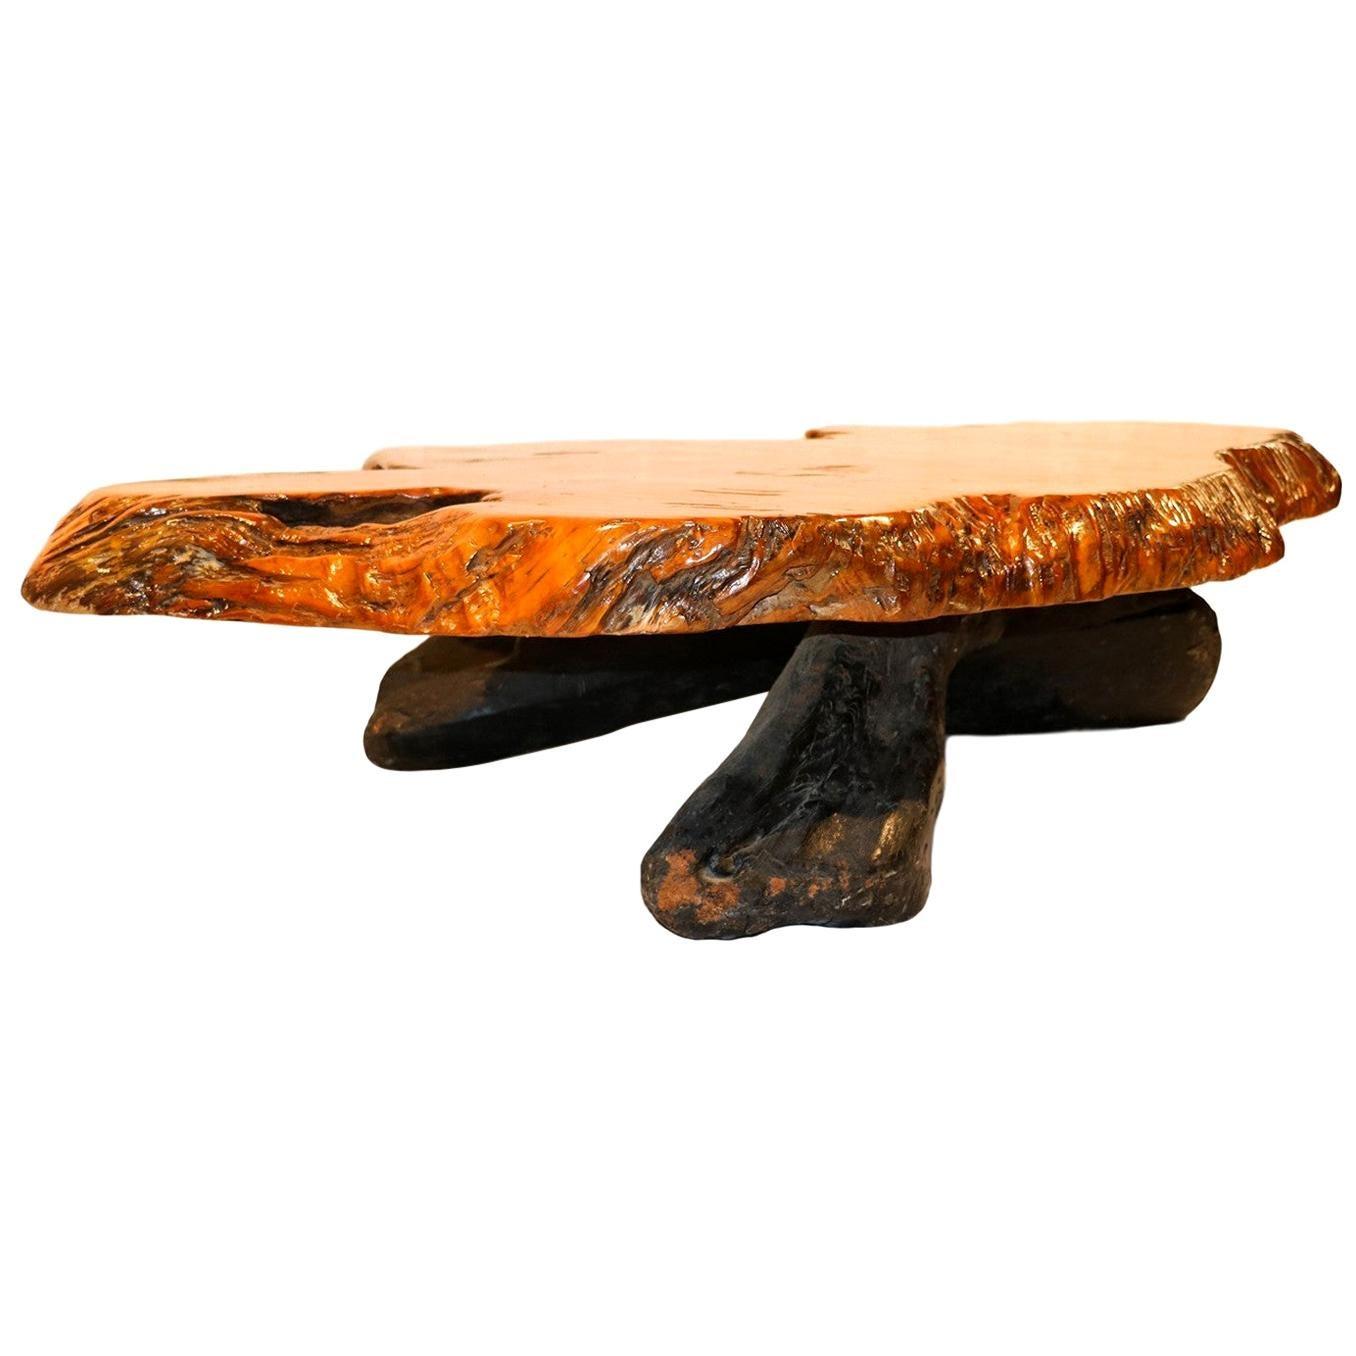 Midcentury Live Edge Wood Tree Slab Coffee Table